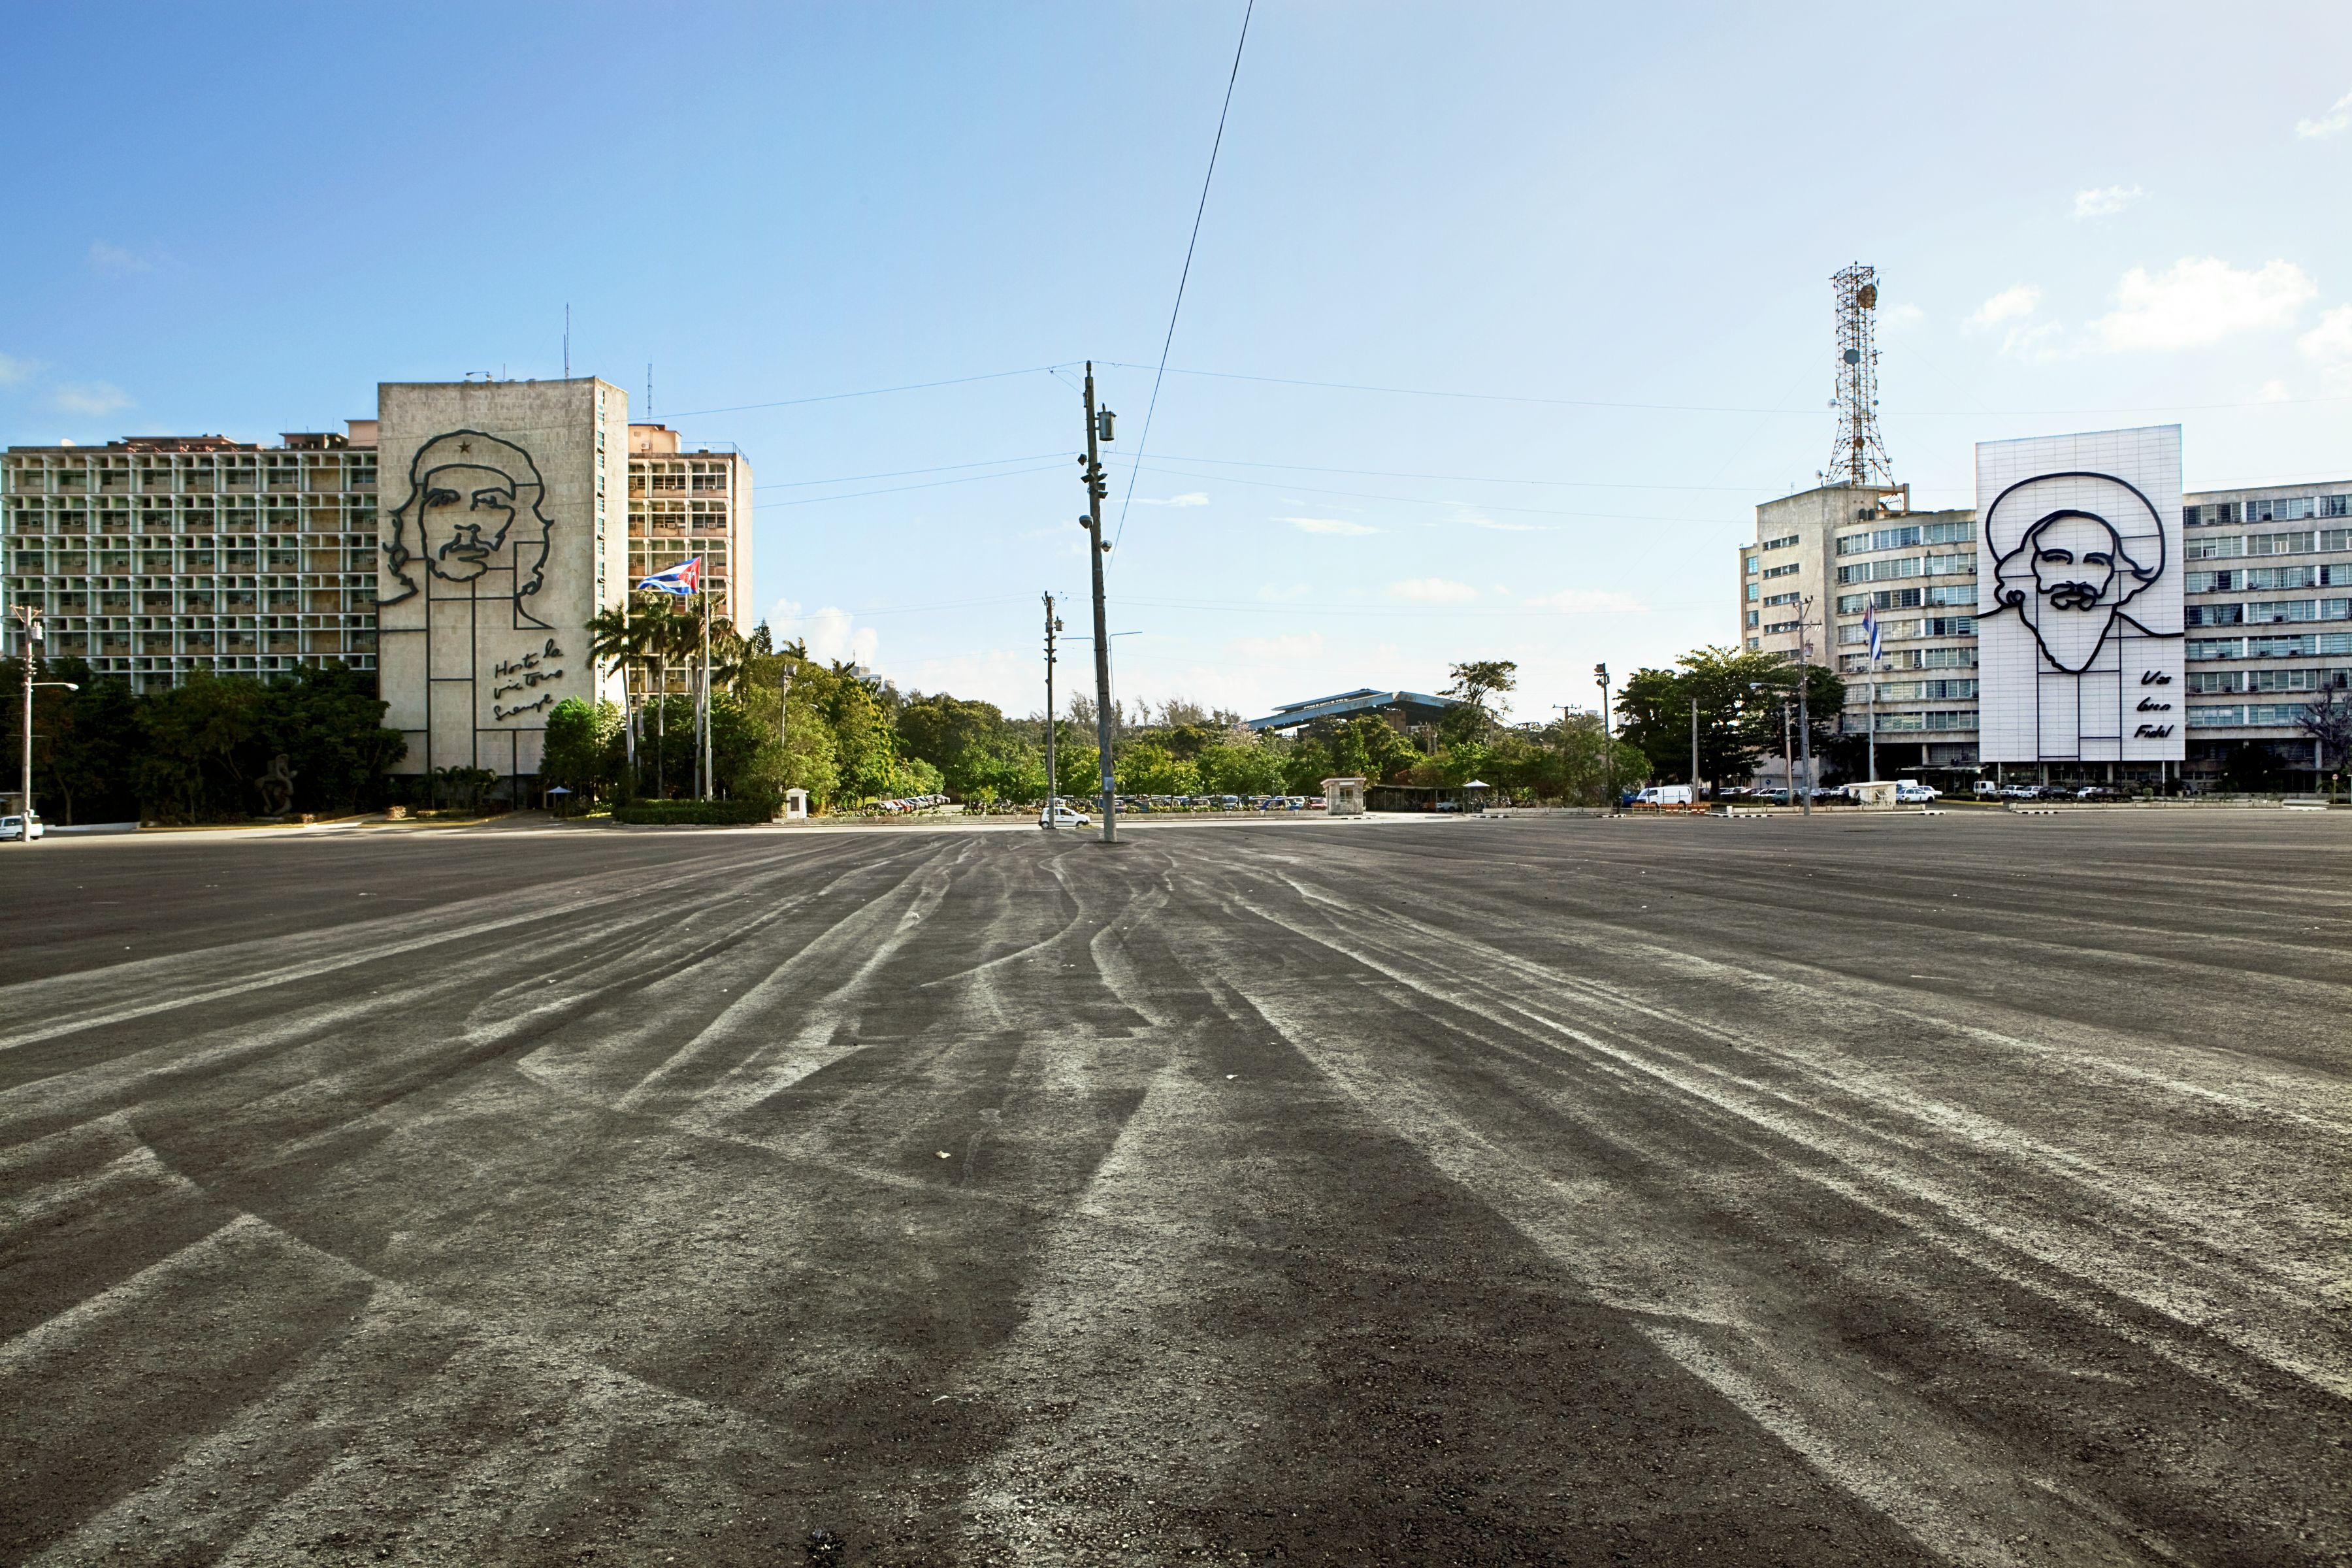 The Empty Plaza / La Plaza Vacia II,2012, Digital Chromogenic Print; 26.13h x 39.5w in (66.37h x 100.33w cm)